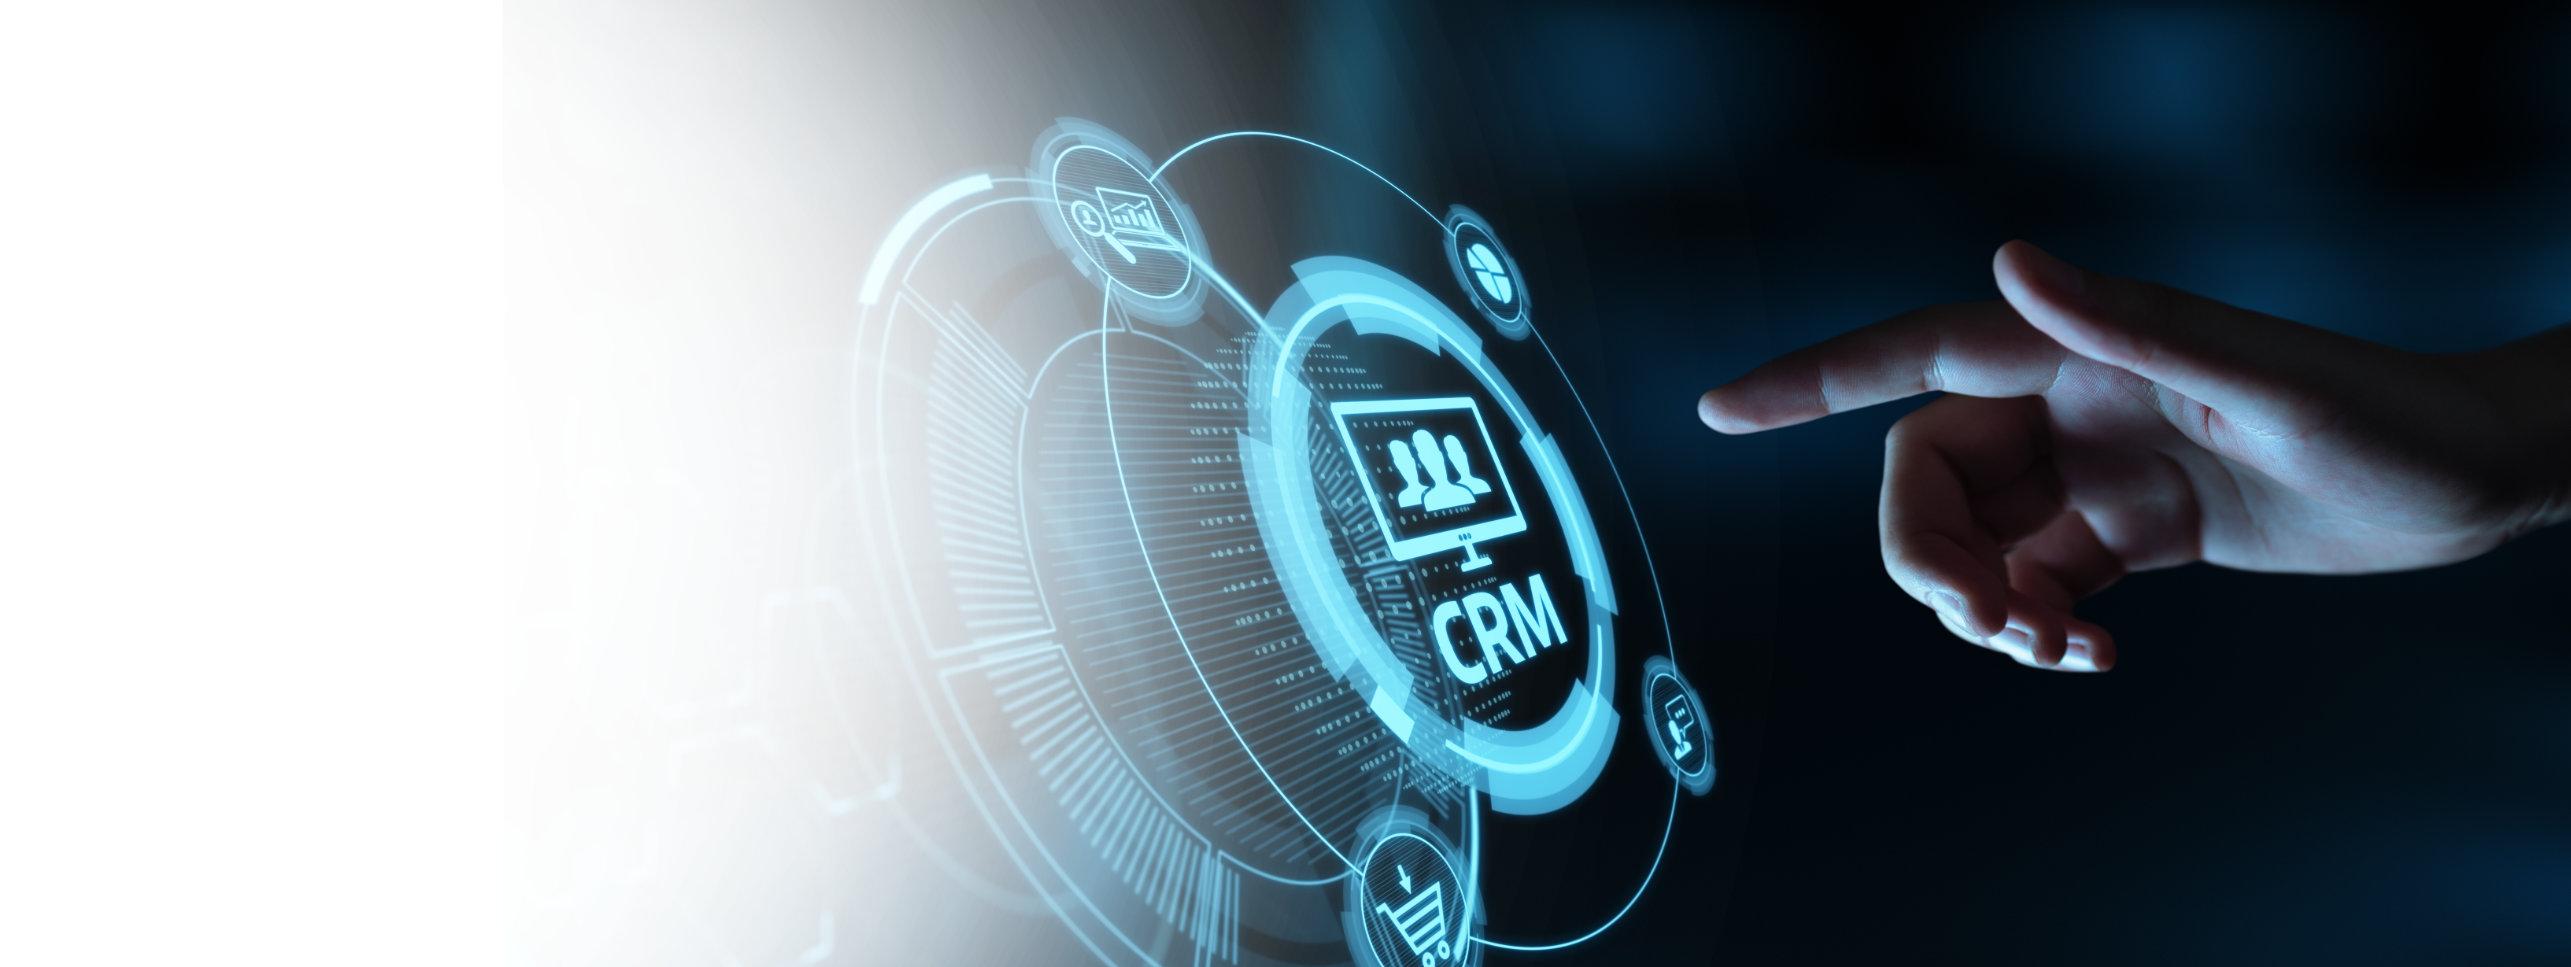 StartingPoint Customer Info CRM  Database